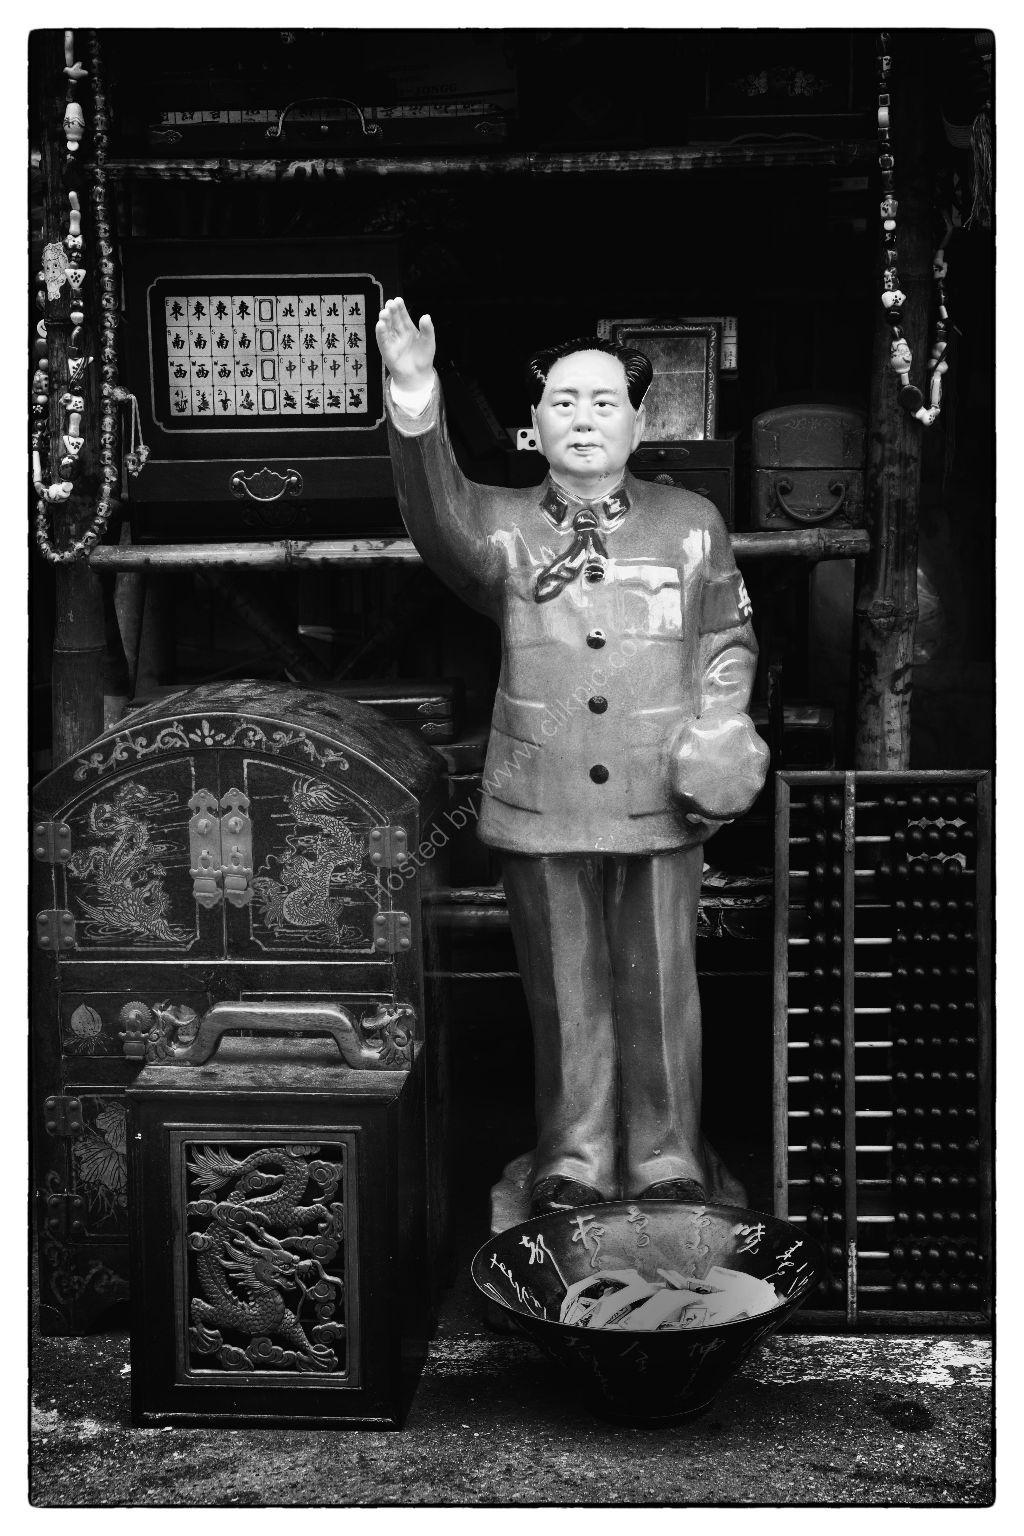 Souvenir Shop in Hong Kong's fmaous Antique Ally